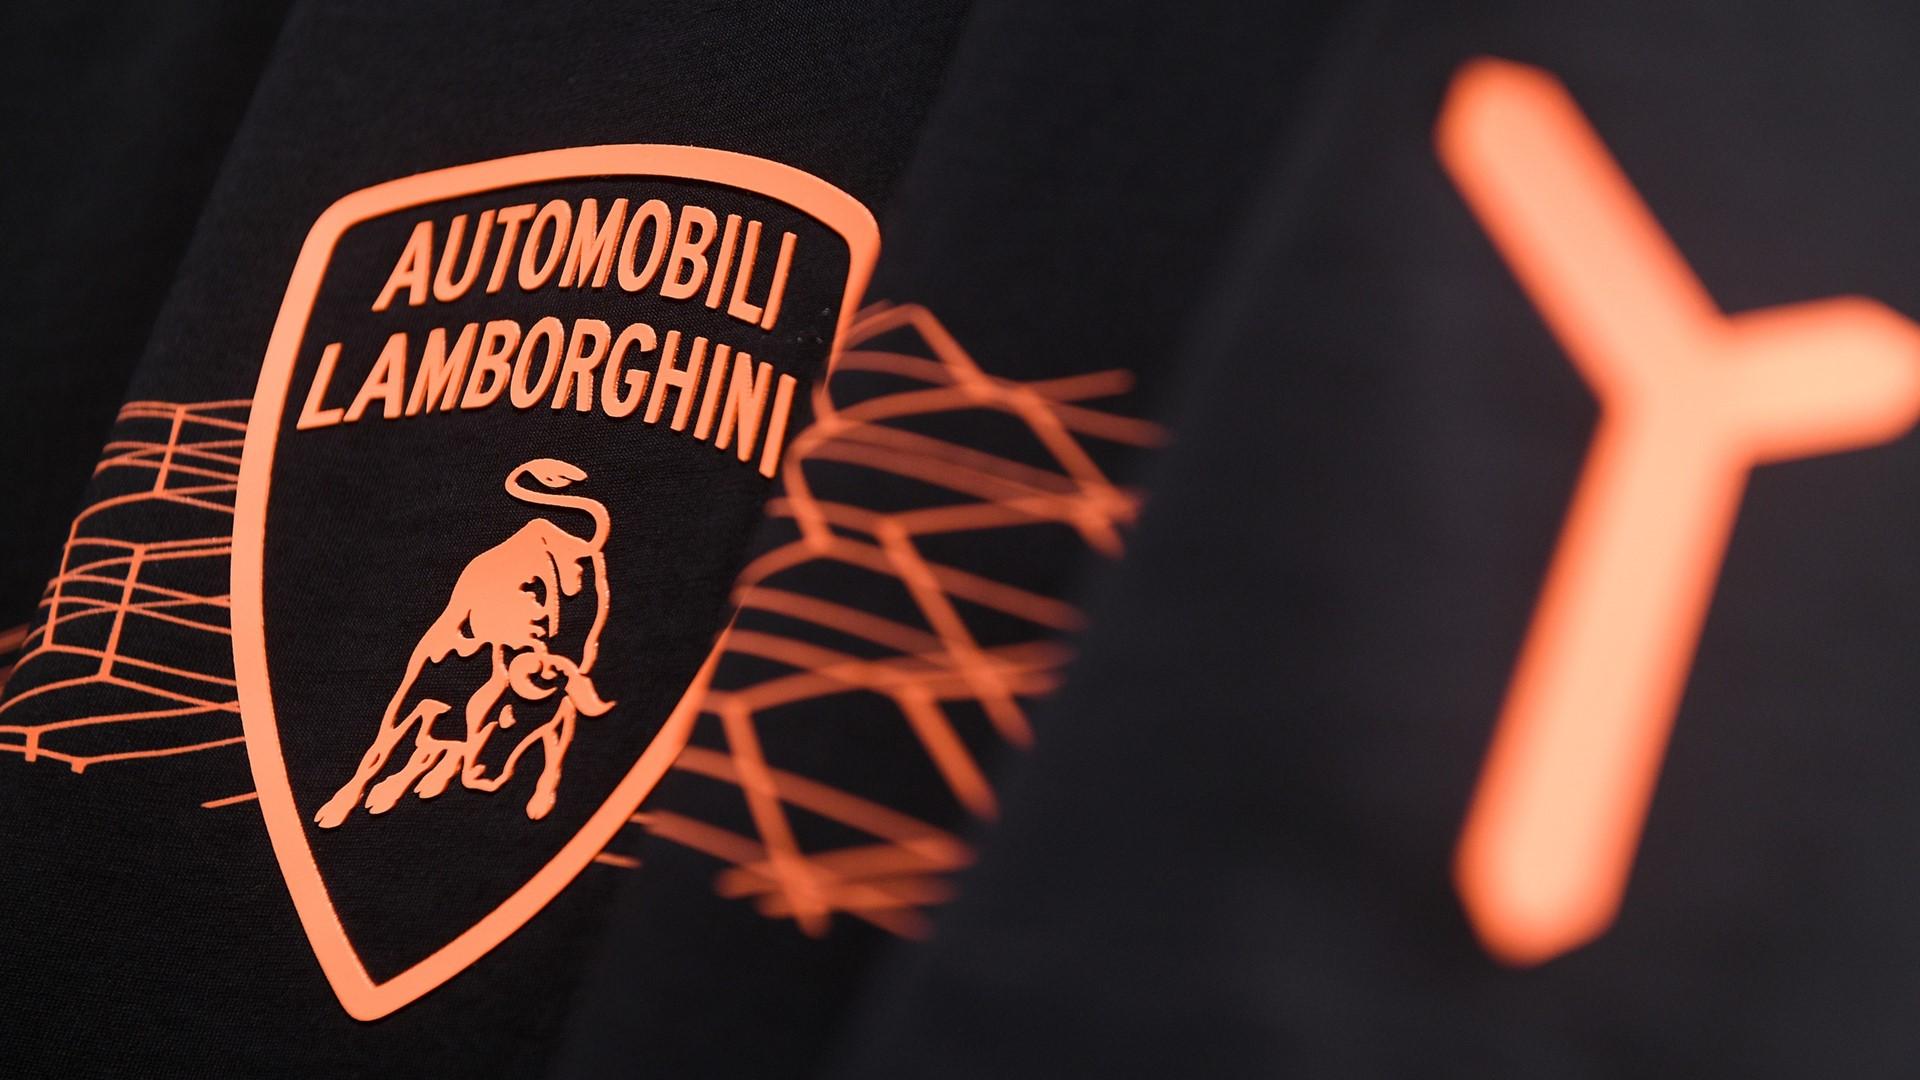 Automobili Lamborghini Menswear Collection Fall Winter 2020 – 2021 at PITTI Uomo 97 - Image 7